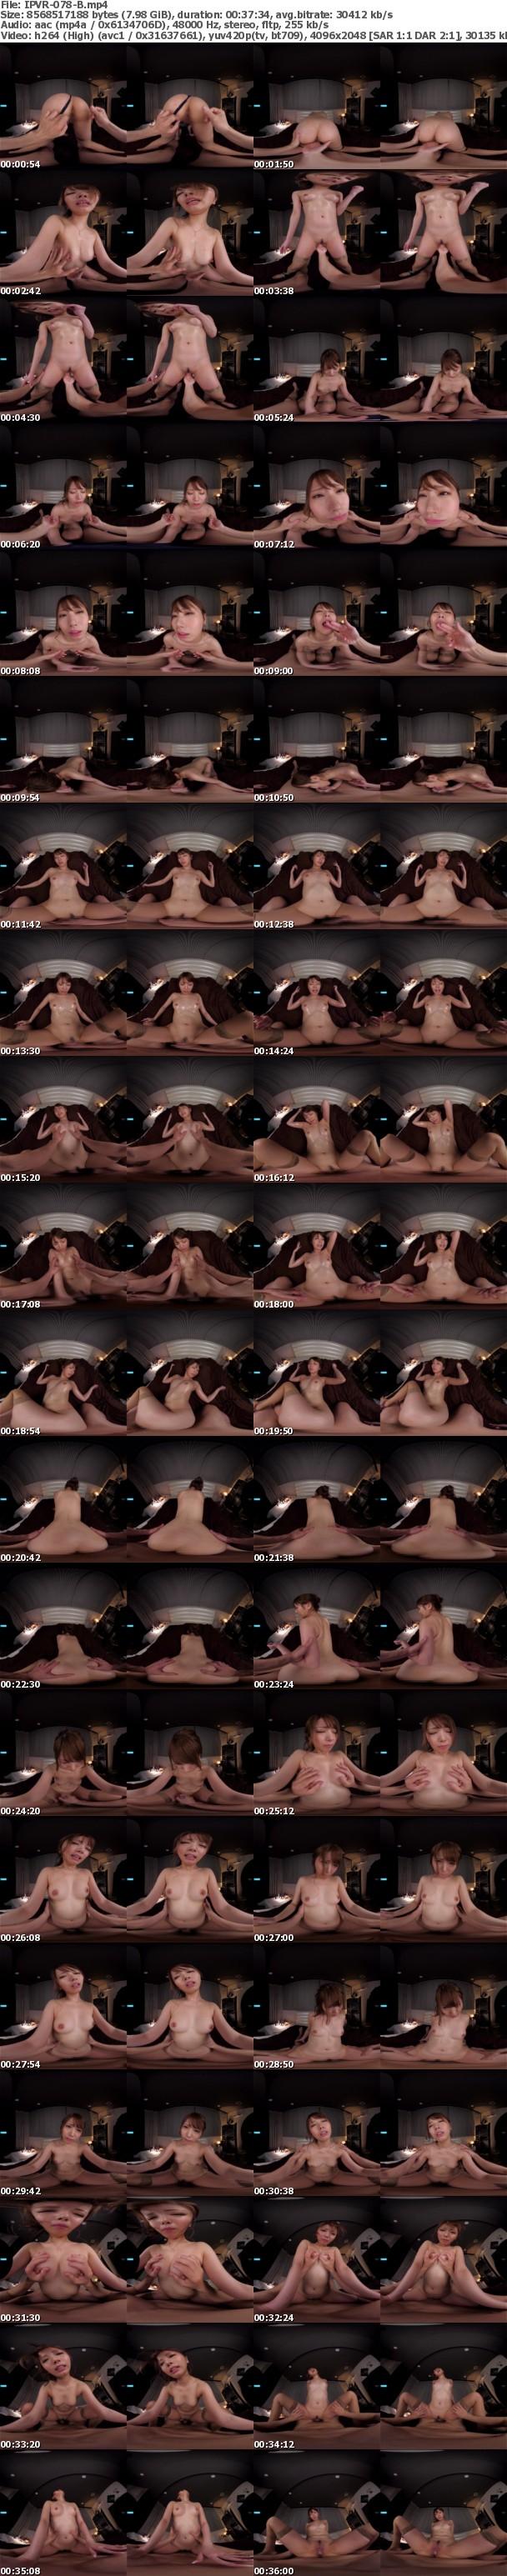 (VR) IPVR-078 お客様より気持ちよくなってすみません… 感じすぎちゃう敏感びちょびちょ潮吹きメンズエステ ガチ潮吹きの生々しさ!天井特化でじっくりイキ顔!強烈な騎乗位激ピスで無理やり中出しフィニッシュ! 西宮ゆめ